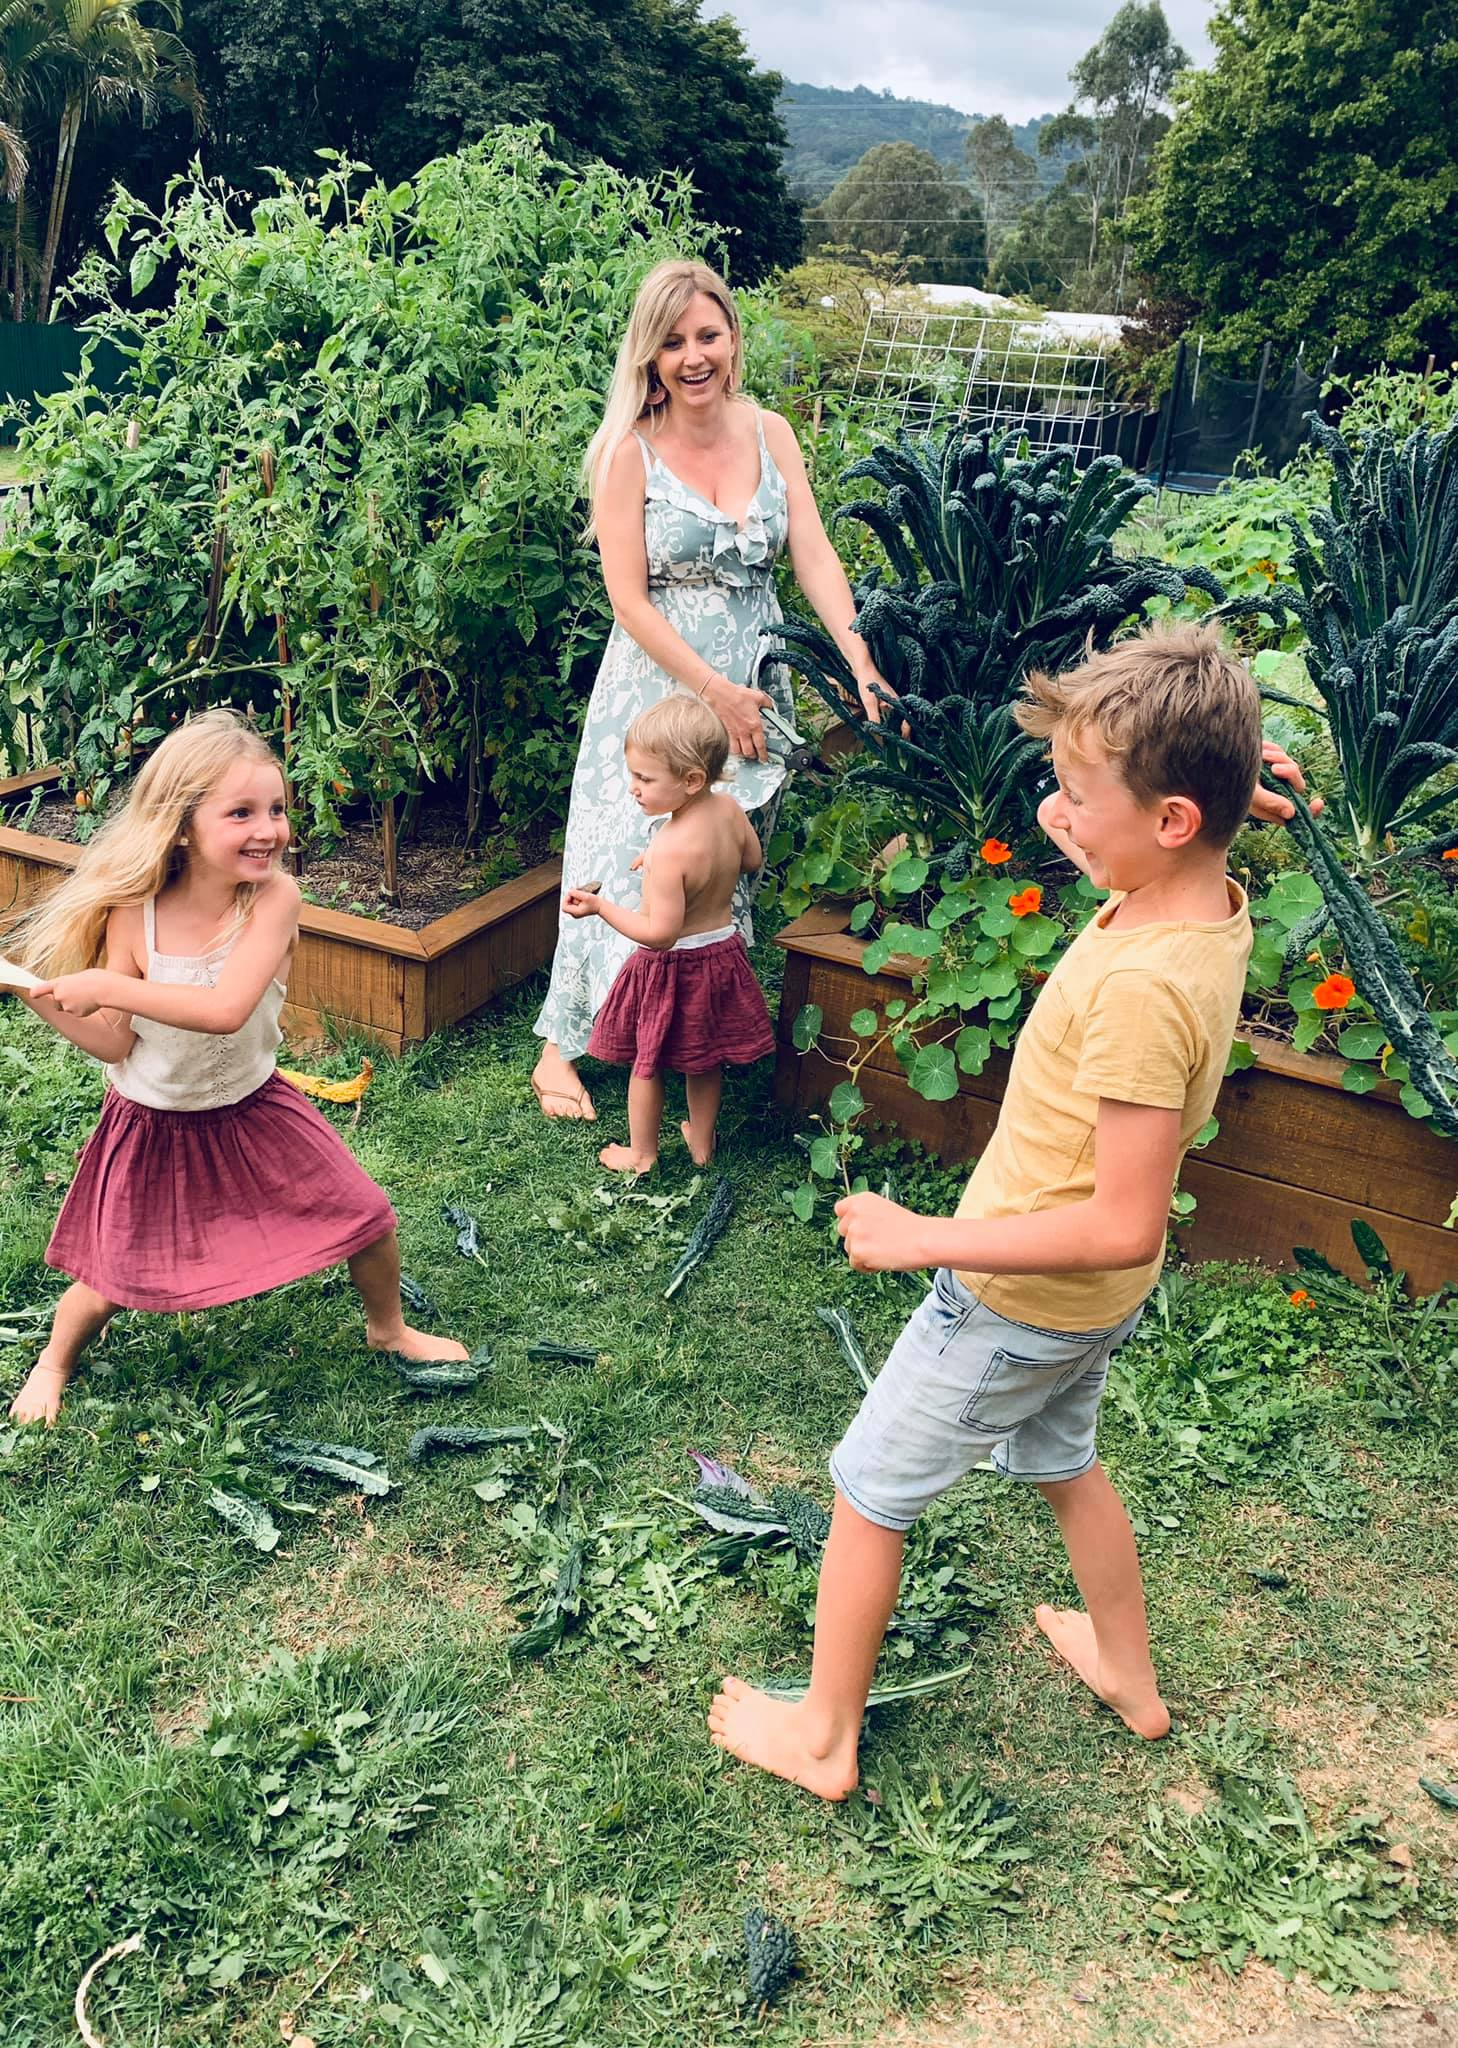 Cuộc sống chỉ có tiếng cười và sự an yên của người mẹ cùng 4 đứa trẻ bên khu vườn ở quê xanh mát quanh năm - Ảnh 5.